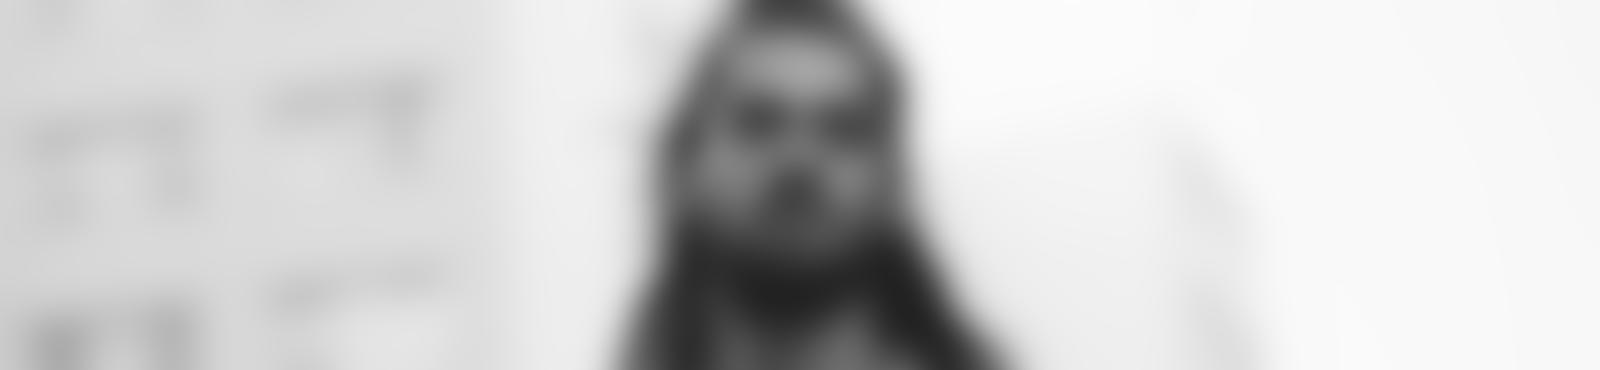 Blurred e0d243c6 6d27 48b4 a0af 5d295362633a